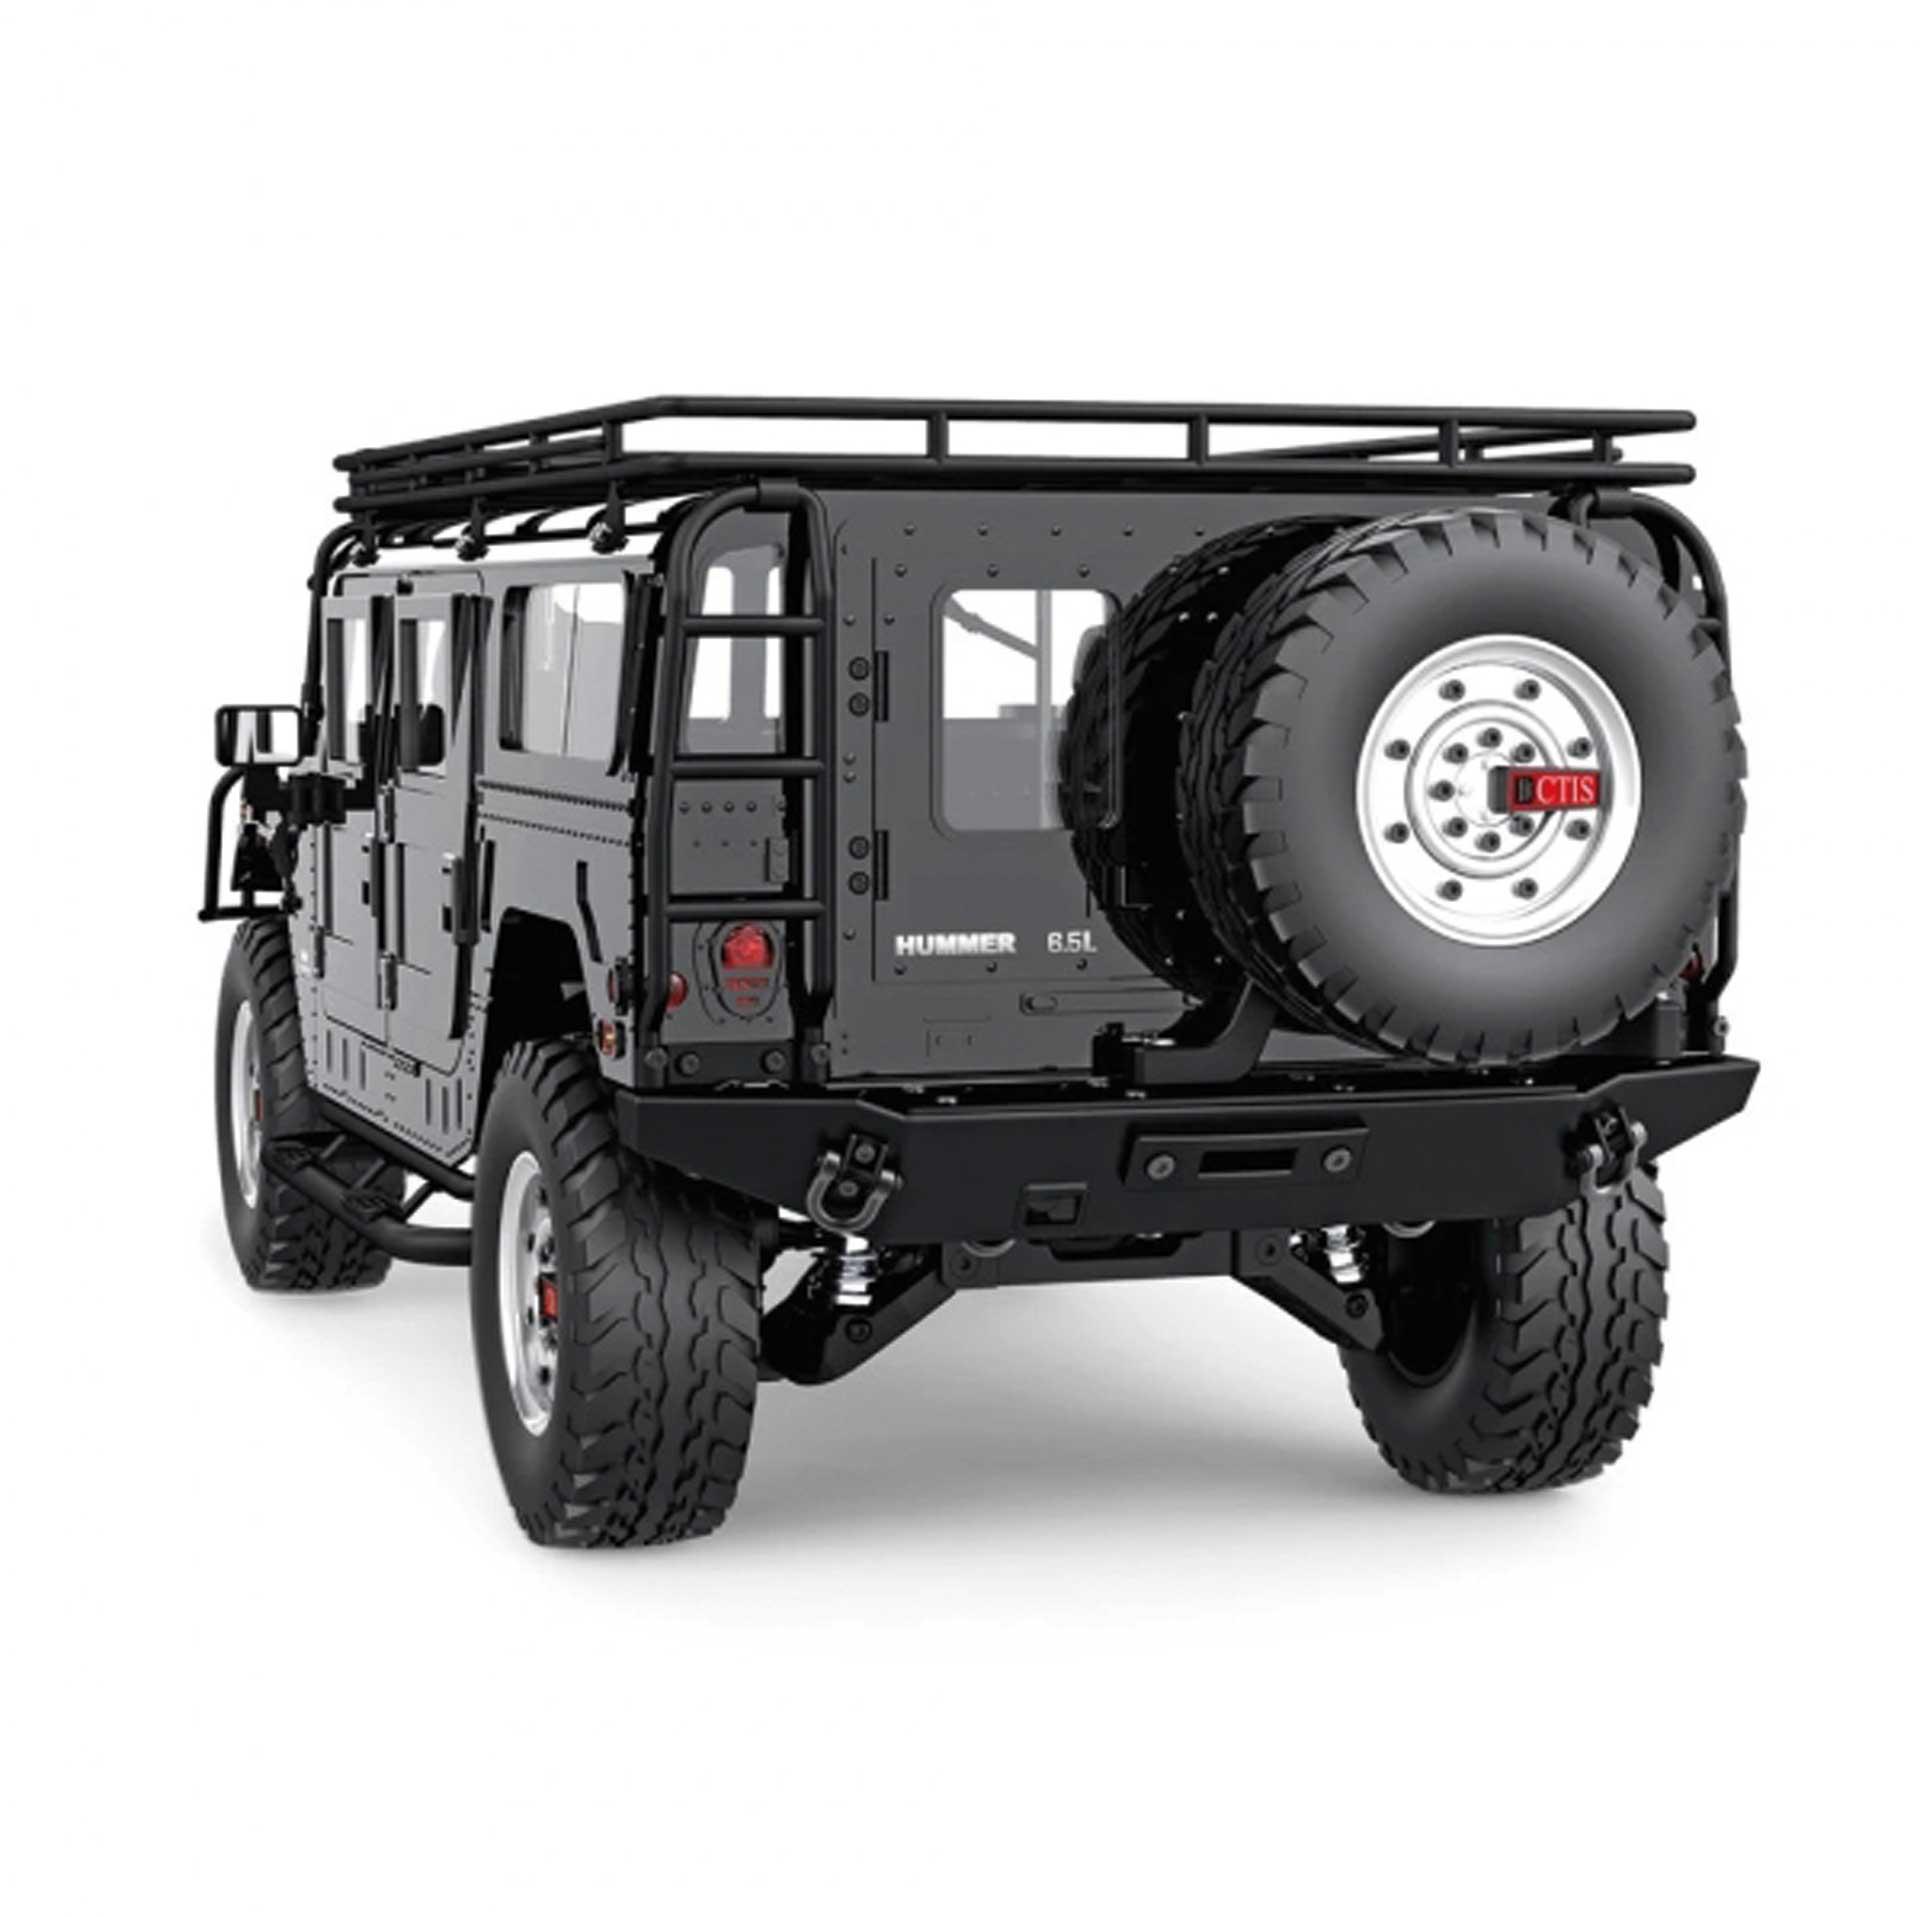 FM-ELECTRICS Hummer H1 1/10 XL Scale SUV schwarz 4WD RTR